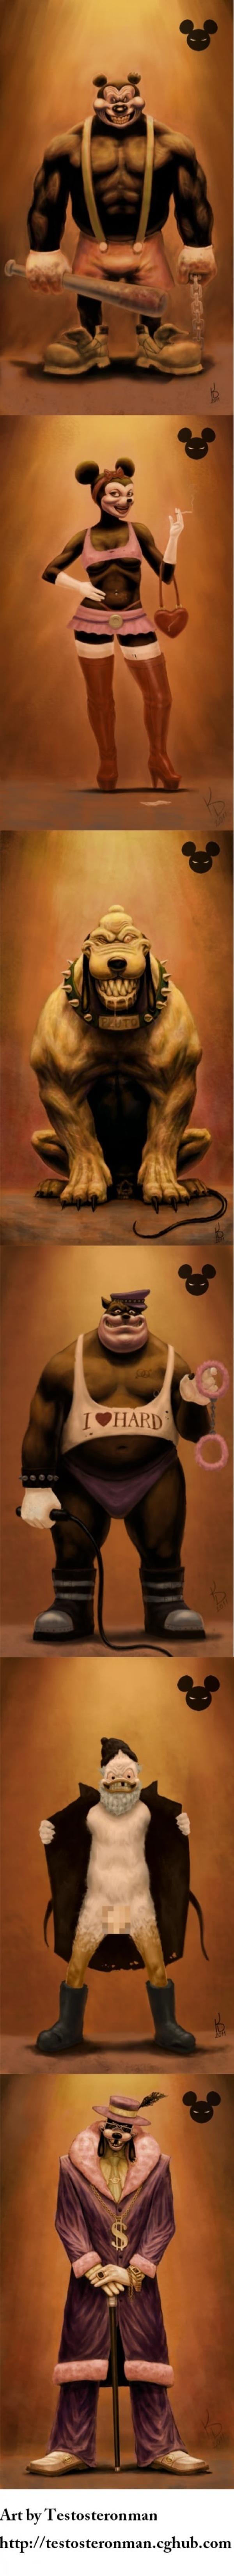 Et si les Disney étaient des films d'horreur ? (Attention âmes sensibles s'abstenir !) 95806020120622225622